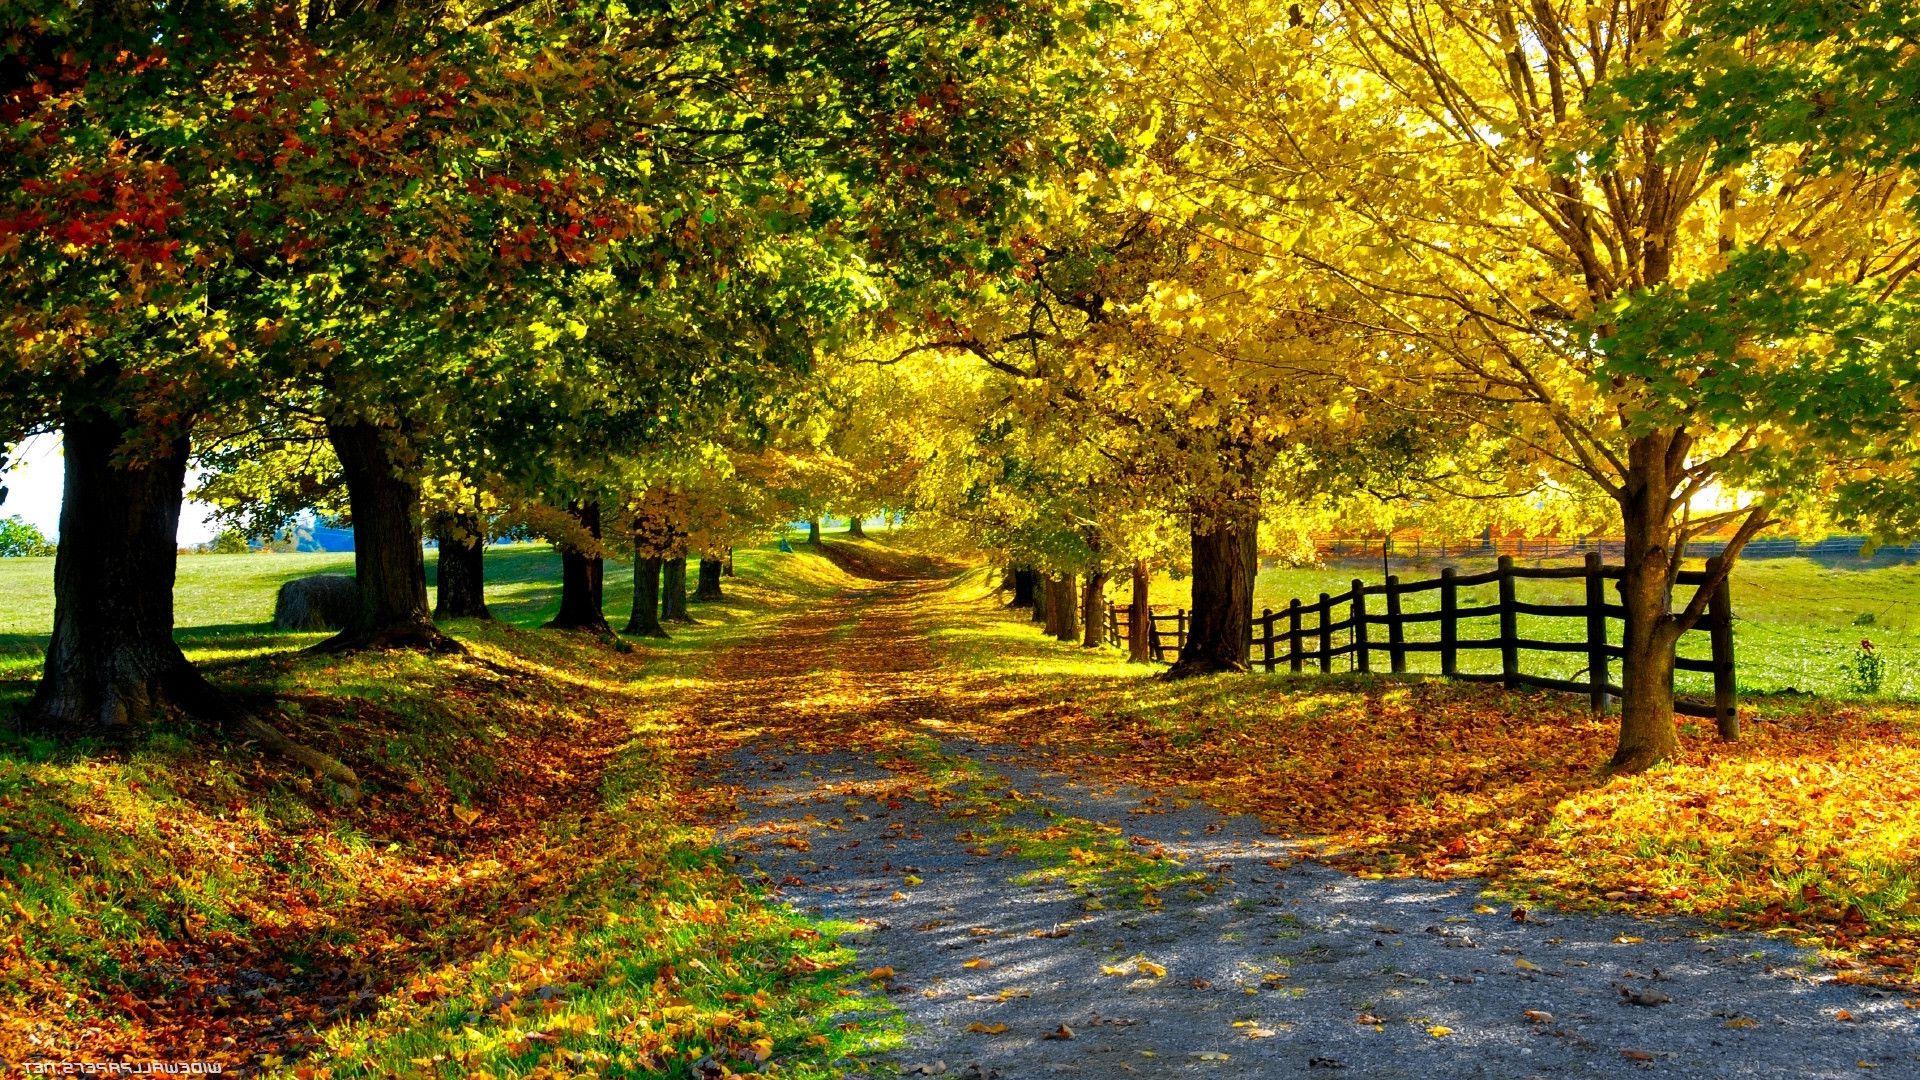 Sfondo natura in autunno sfondi hd gratis p l for Sfondi autunno hd